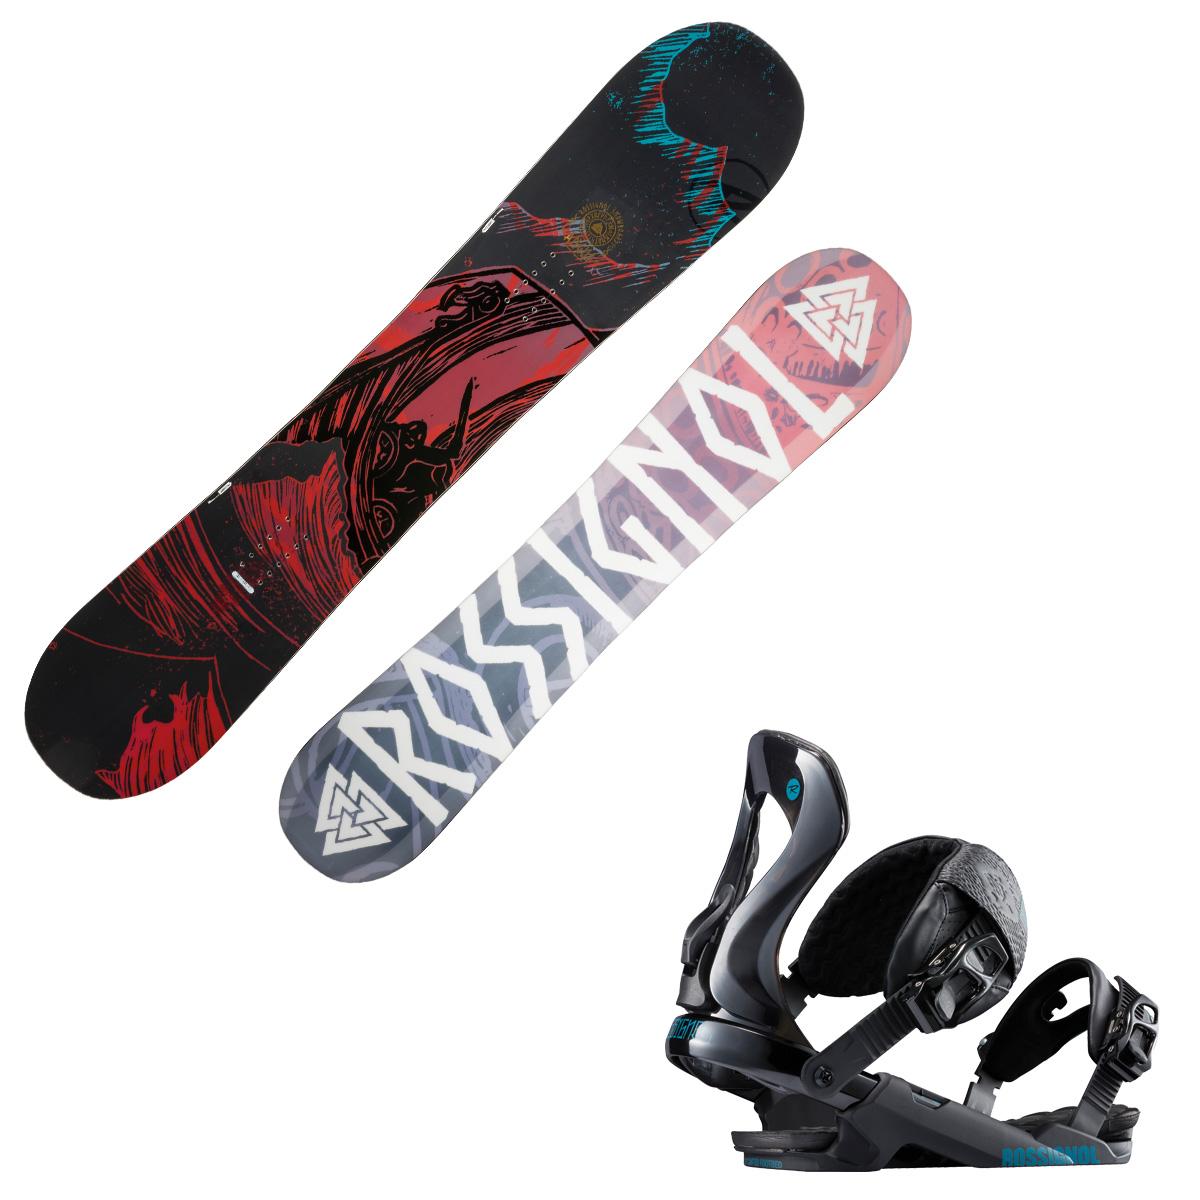 Snowboard Rossignol Angus con attacchi Cobra (Colore: nero fantasia, Taglia: 156)